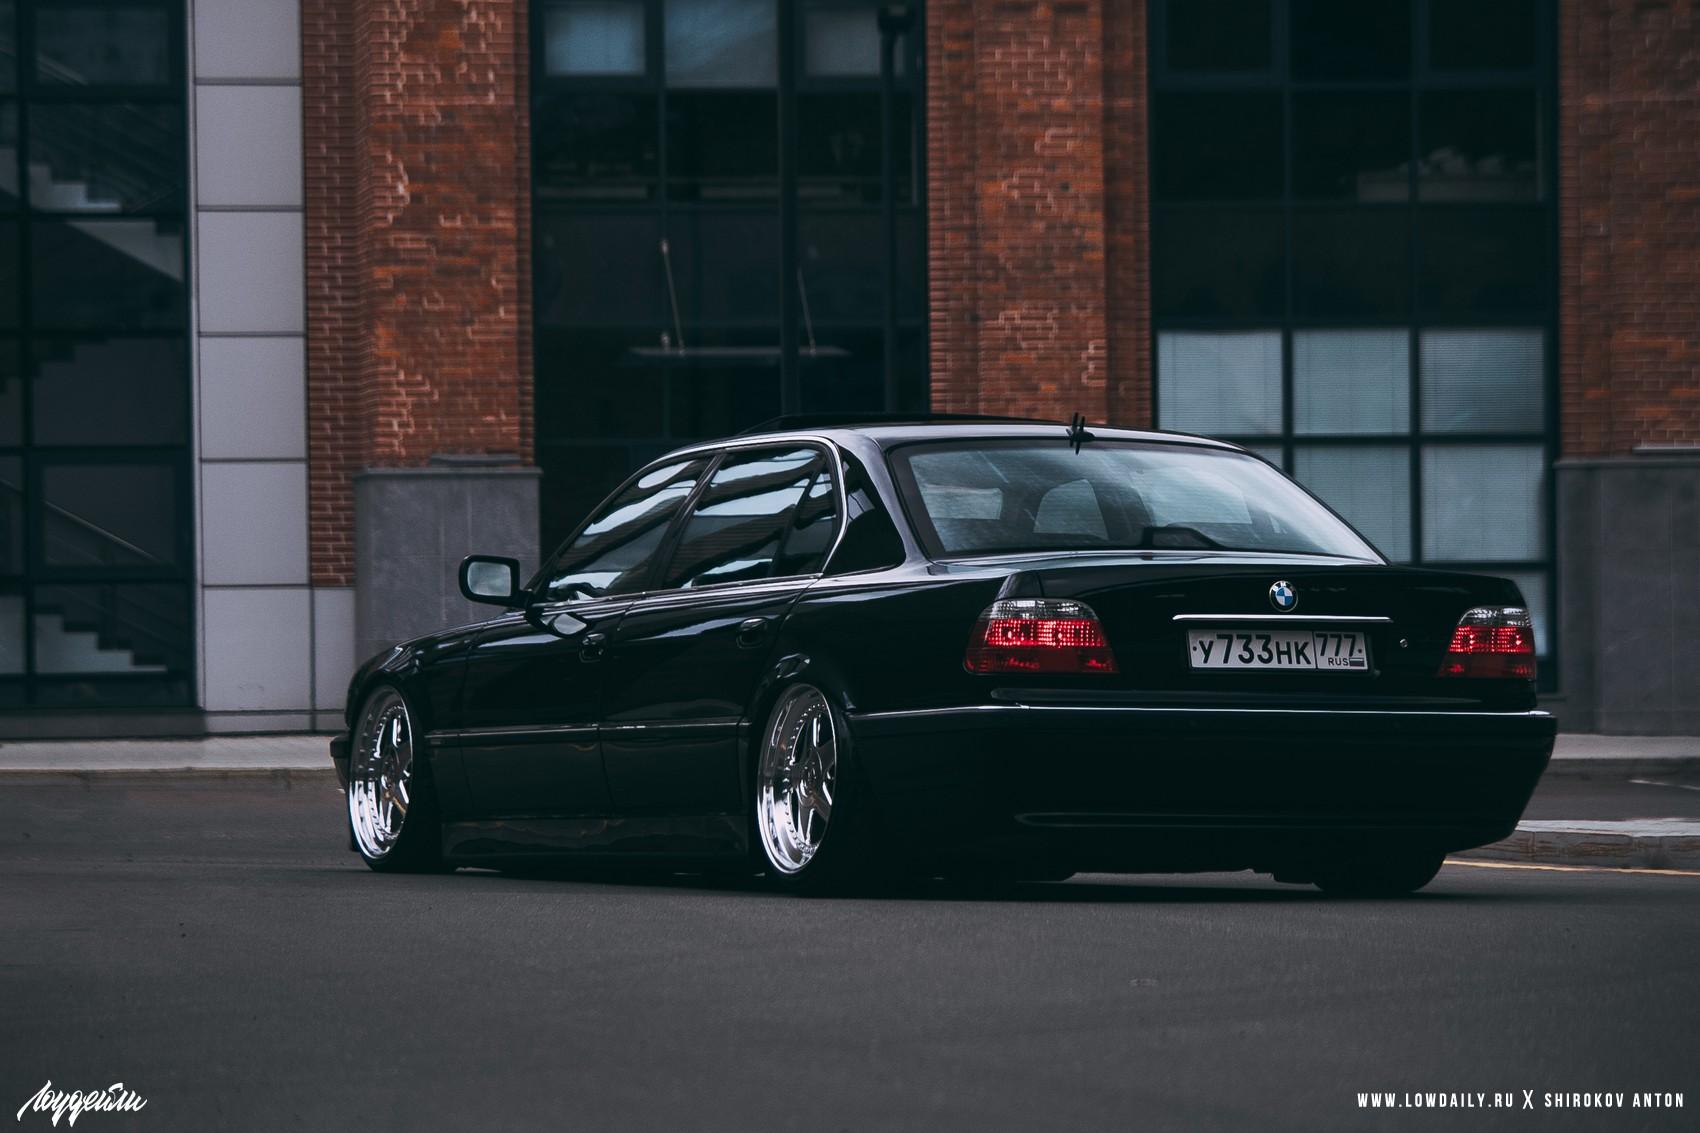 BMW 7-Series E38 - Long